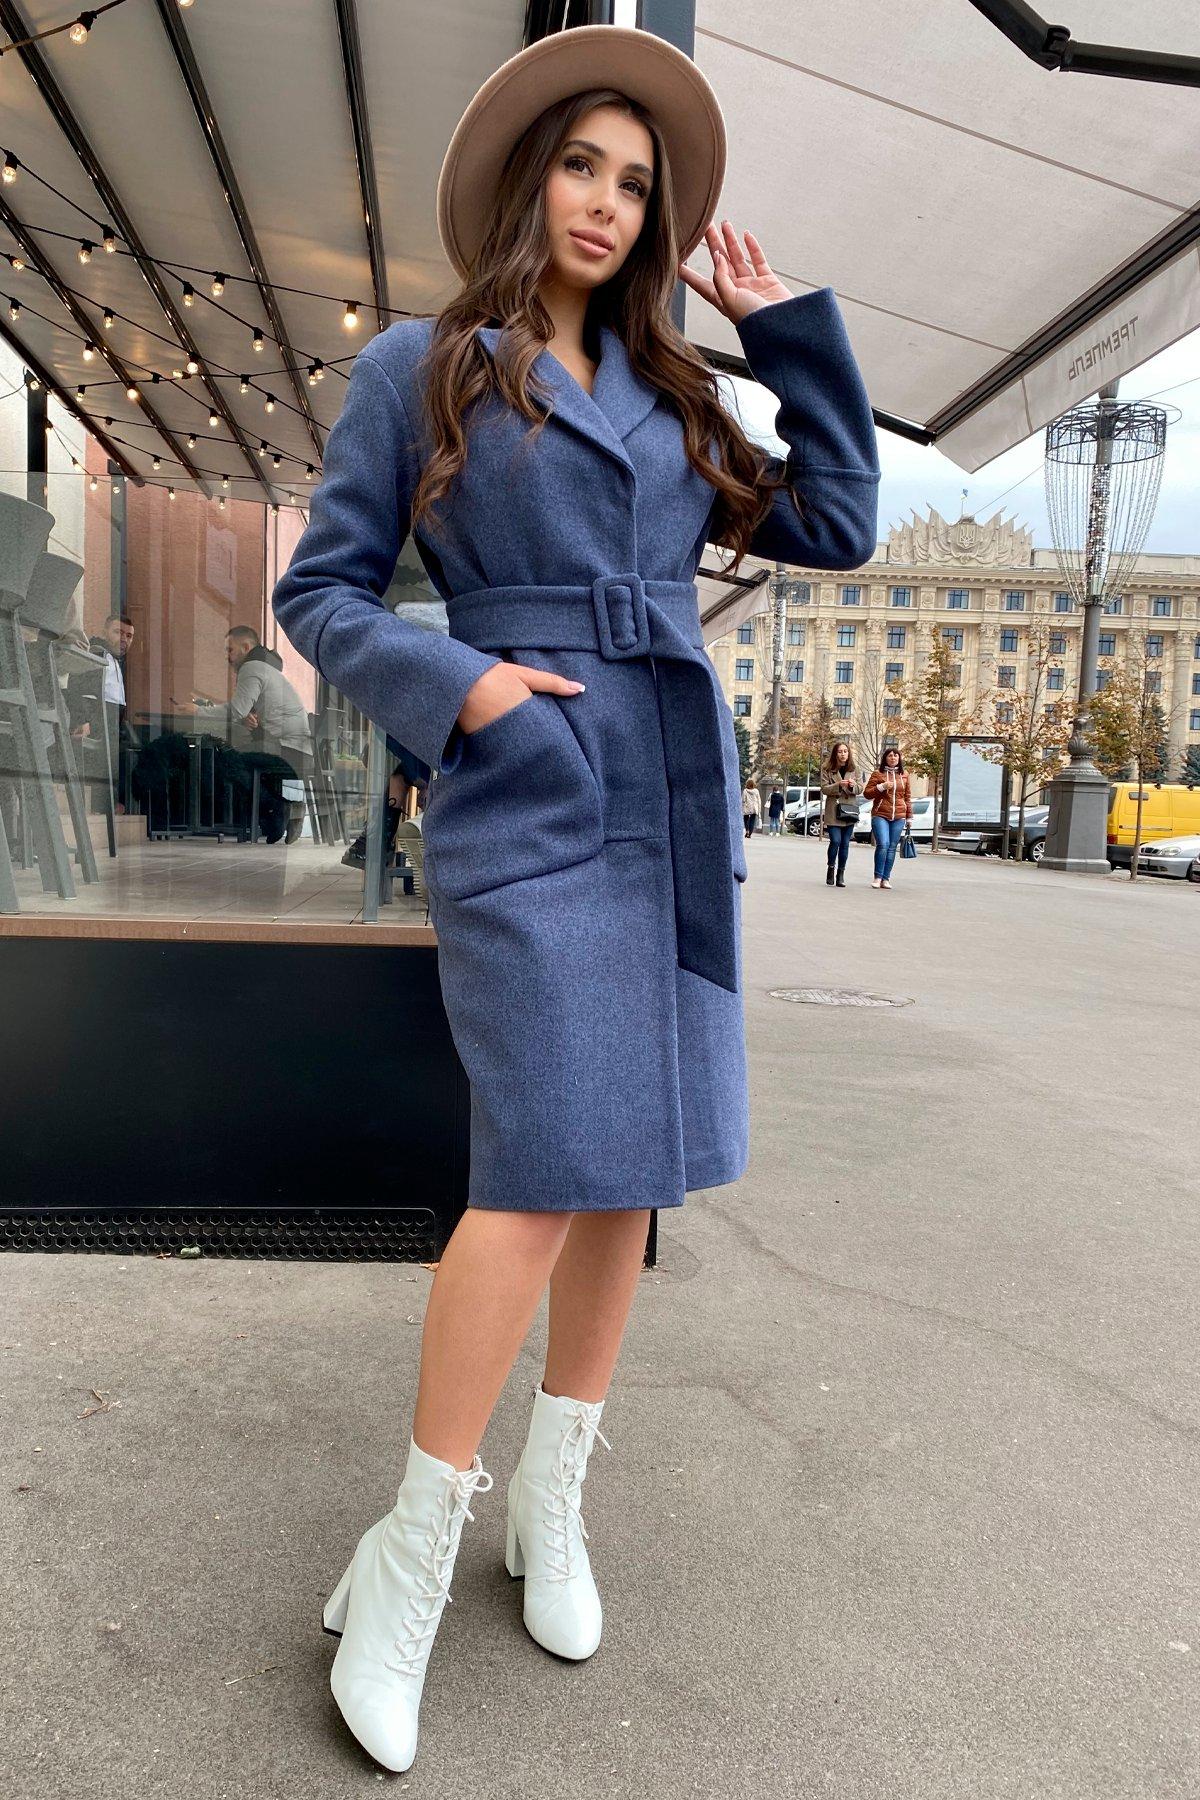 Элегантное зимнее пальто миди длины с накладными карманами Флорида 8138 АРТ. 44114 Цвет: Джинс тёмно-синий - фото 3, интернет магазин tm-modus.ru